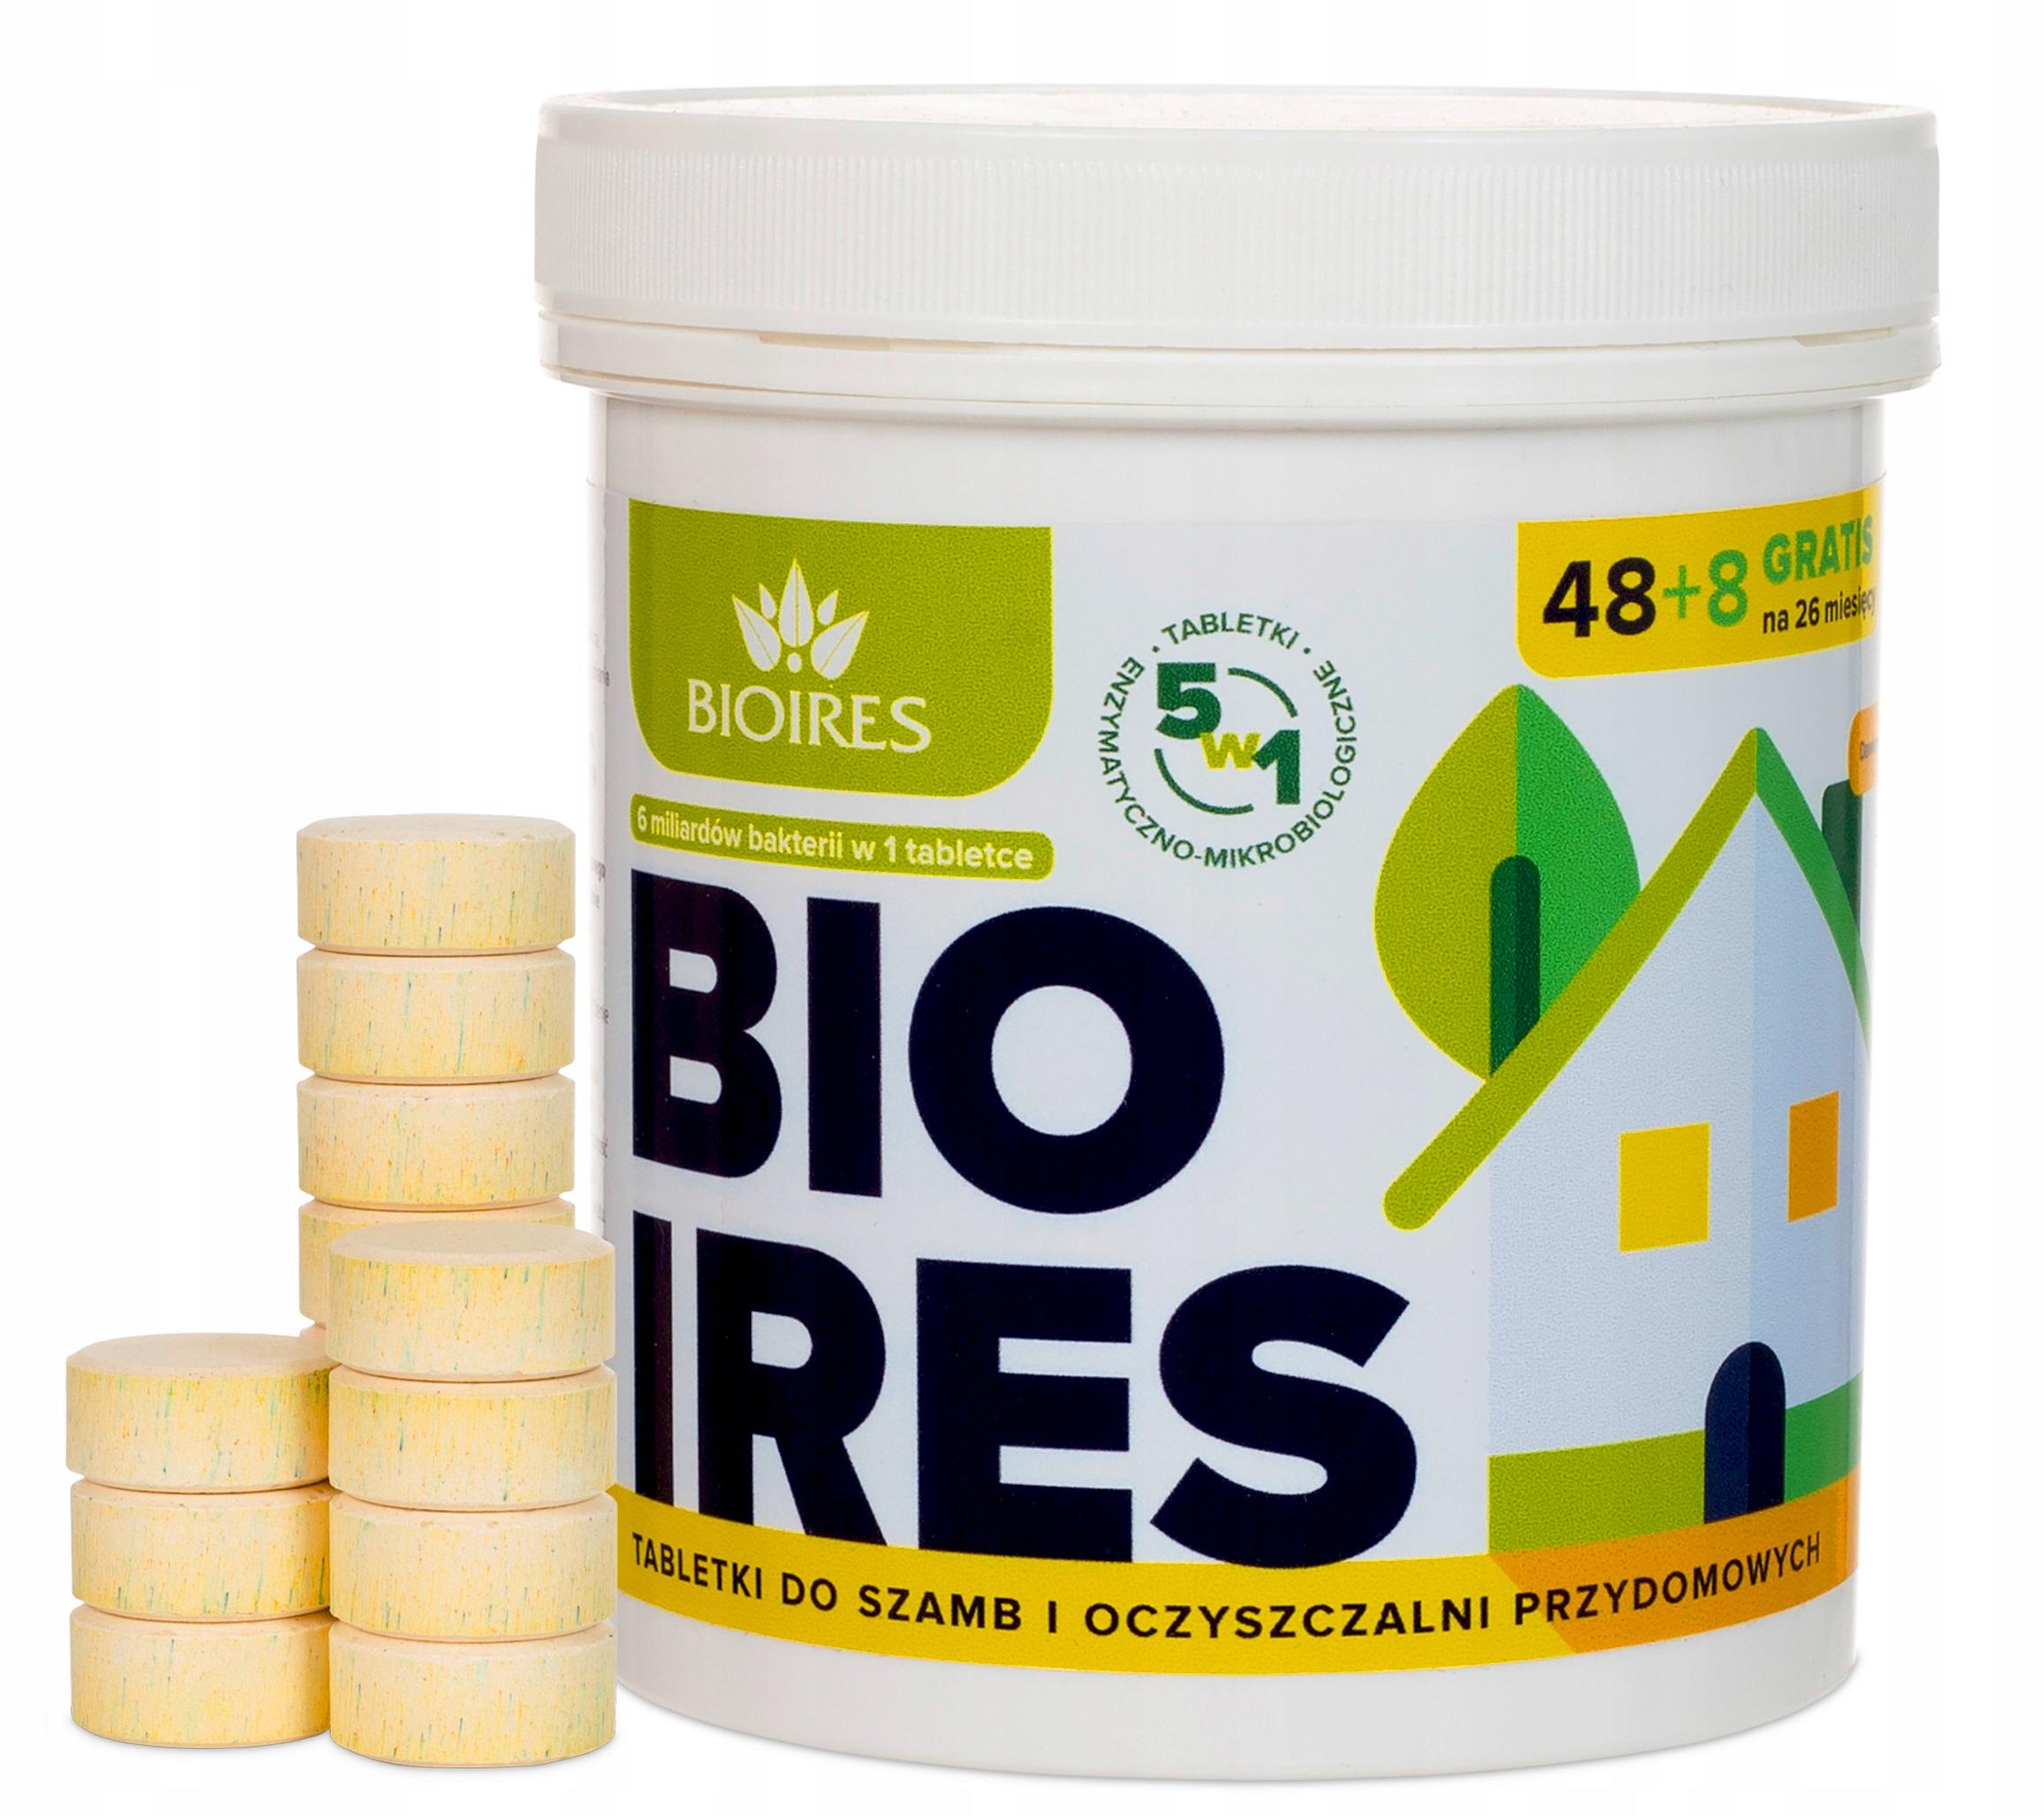 БИОИРЕС таблетки для очистки сточных вод септиков 5в1 48 + 8